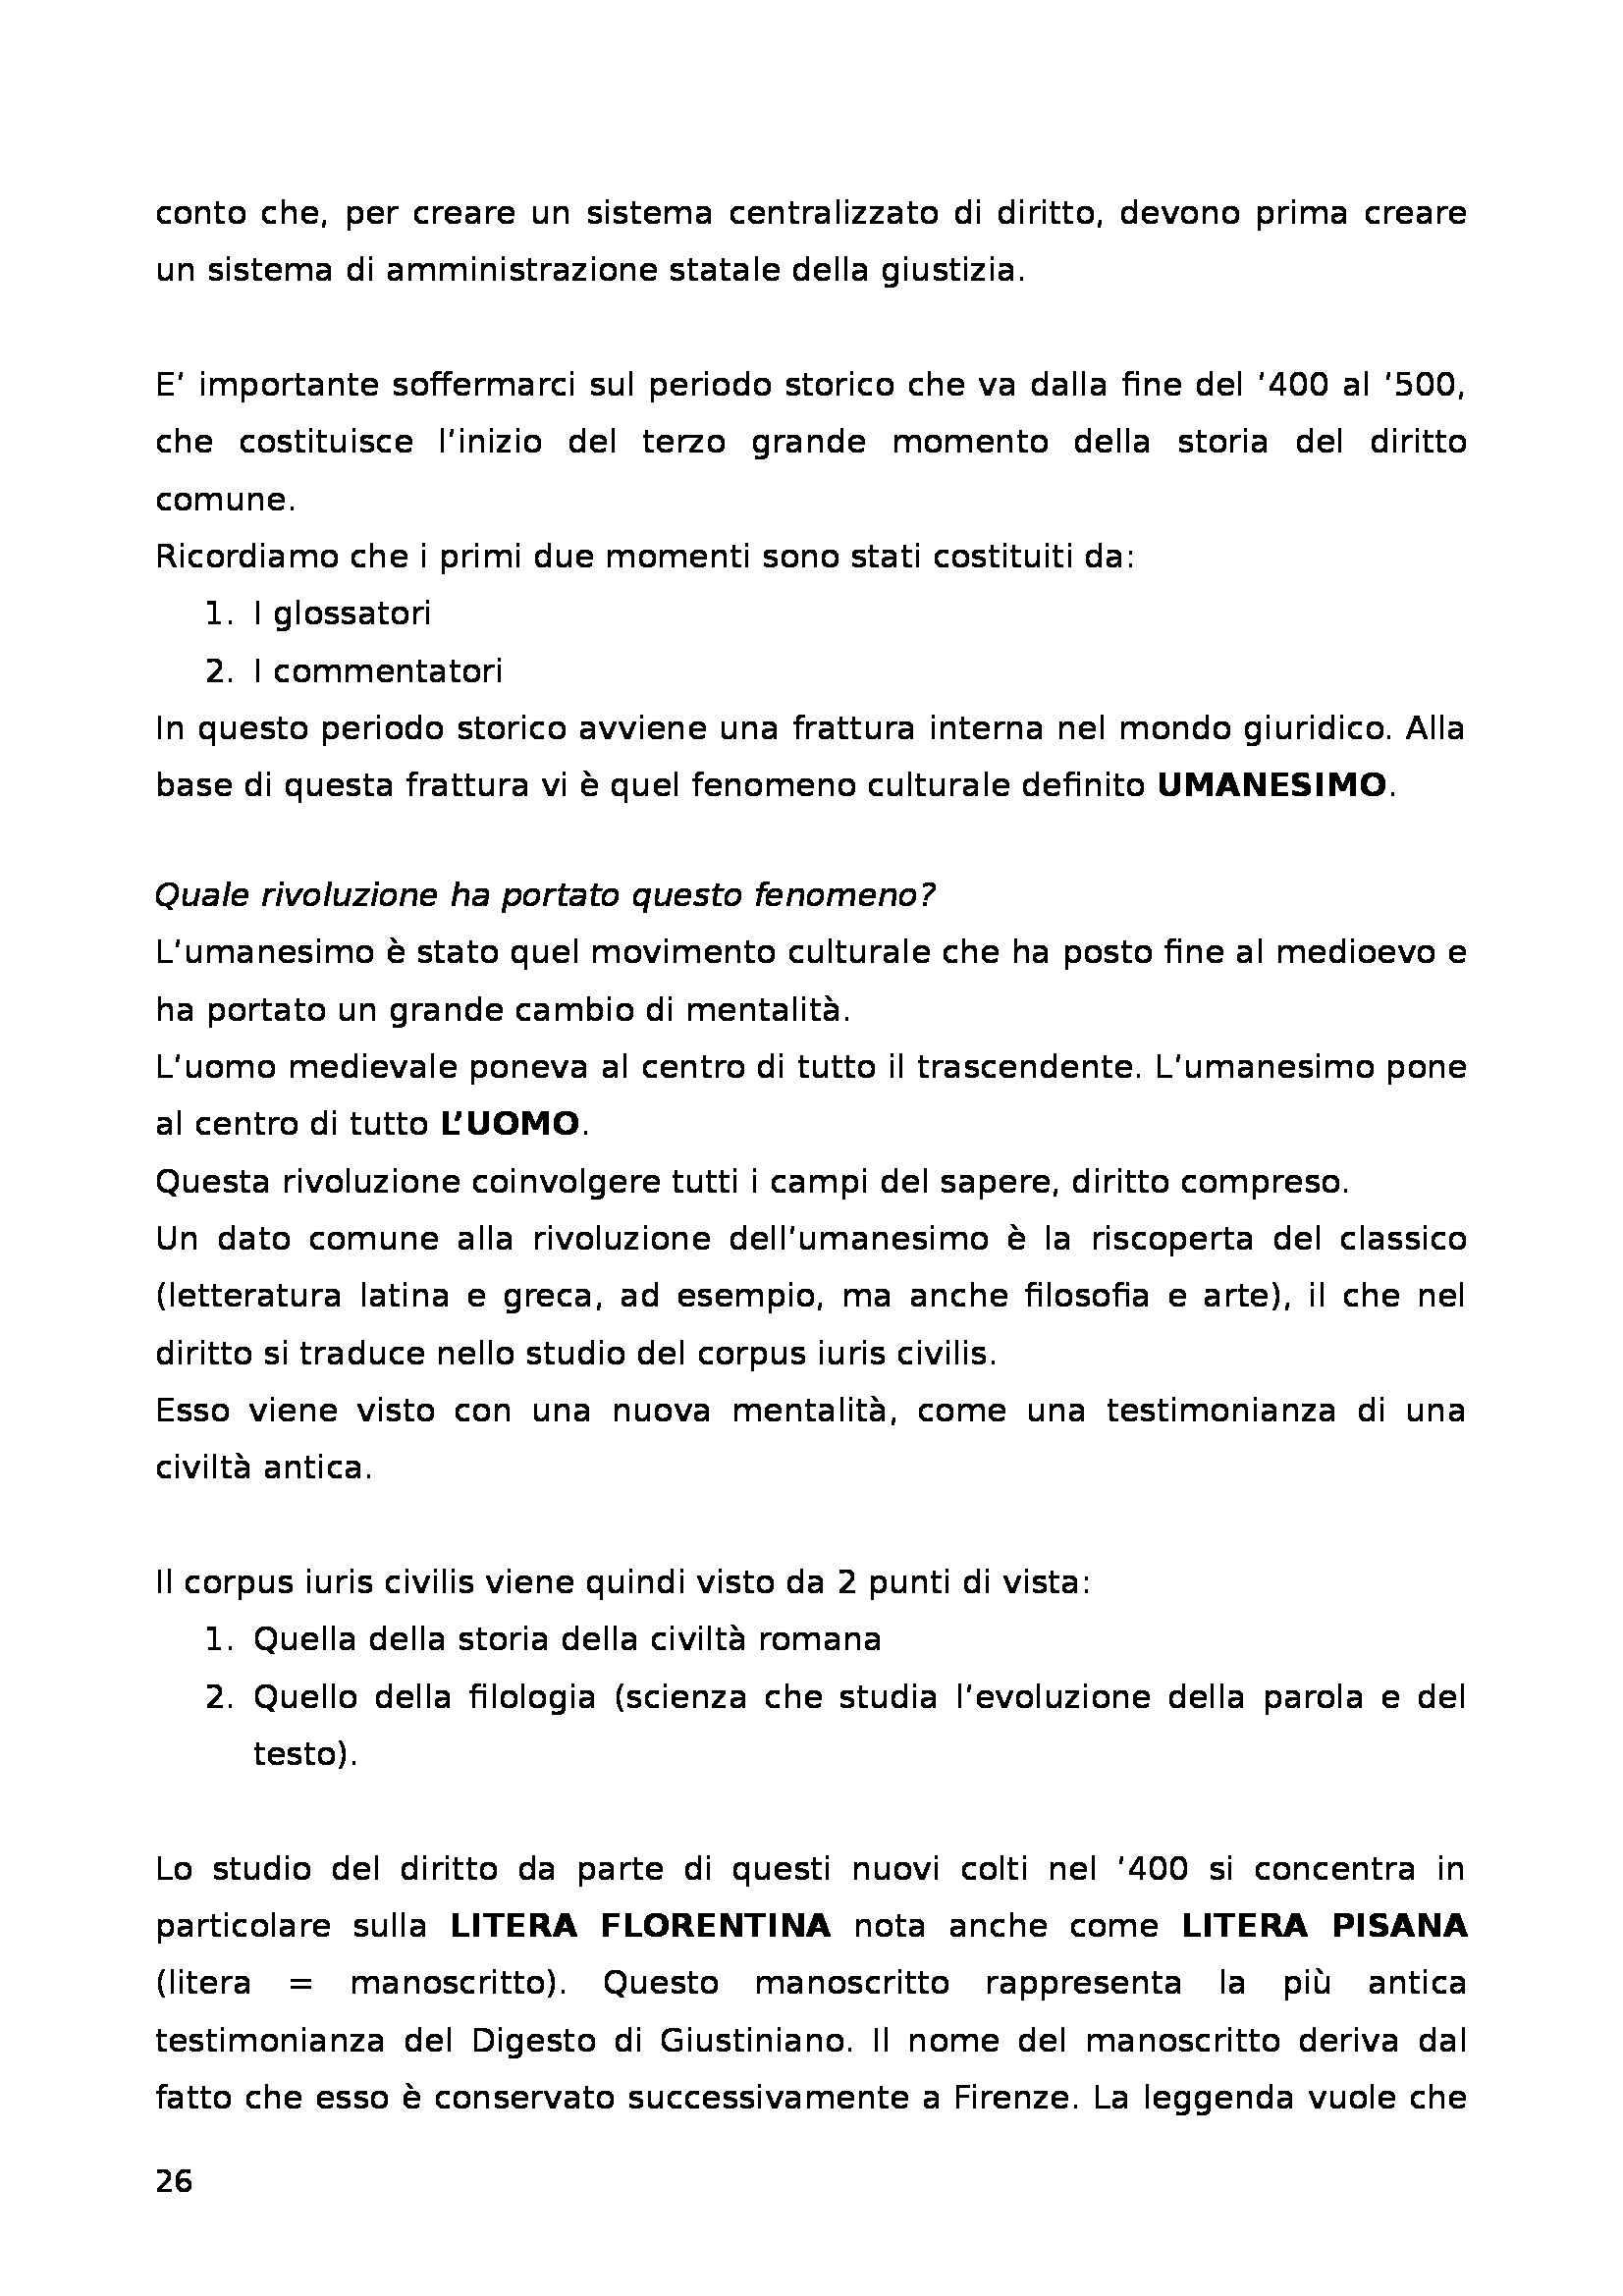 Storia del diritto italiano - Lezioni complete Dezza Pag. 26